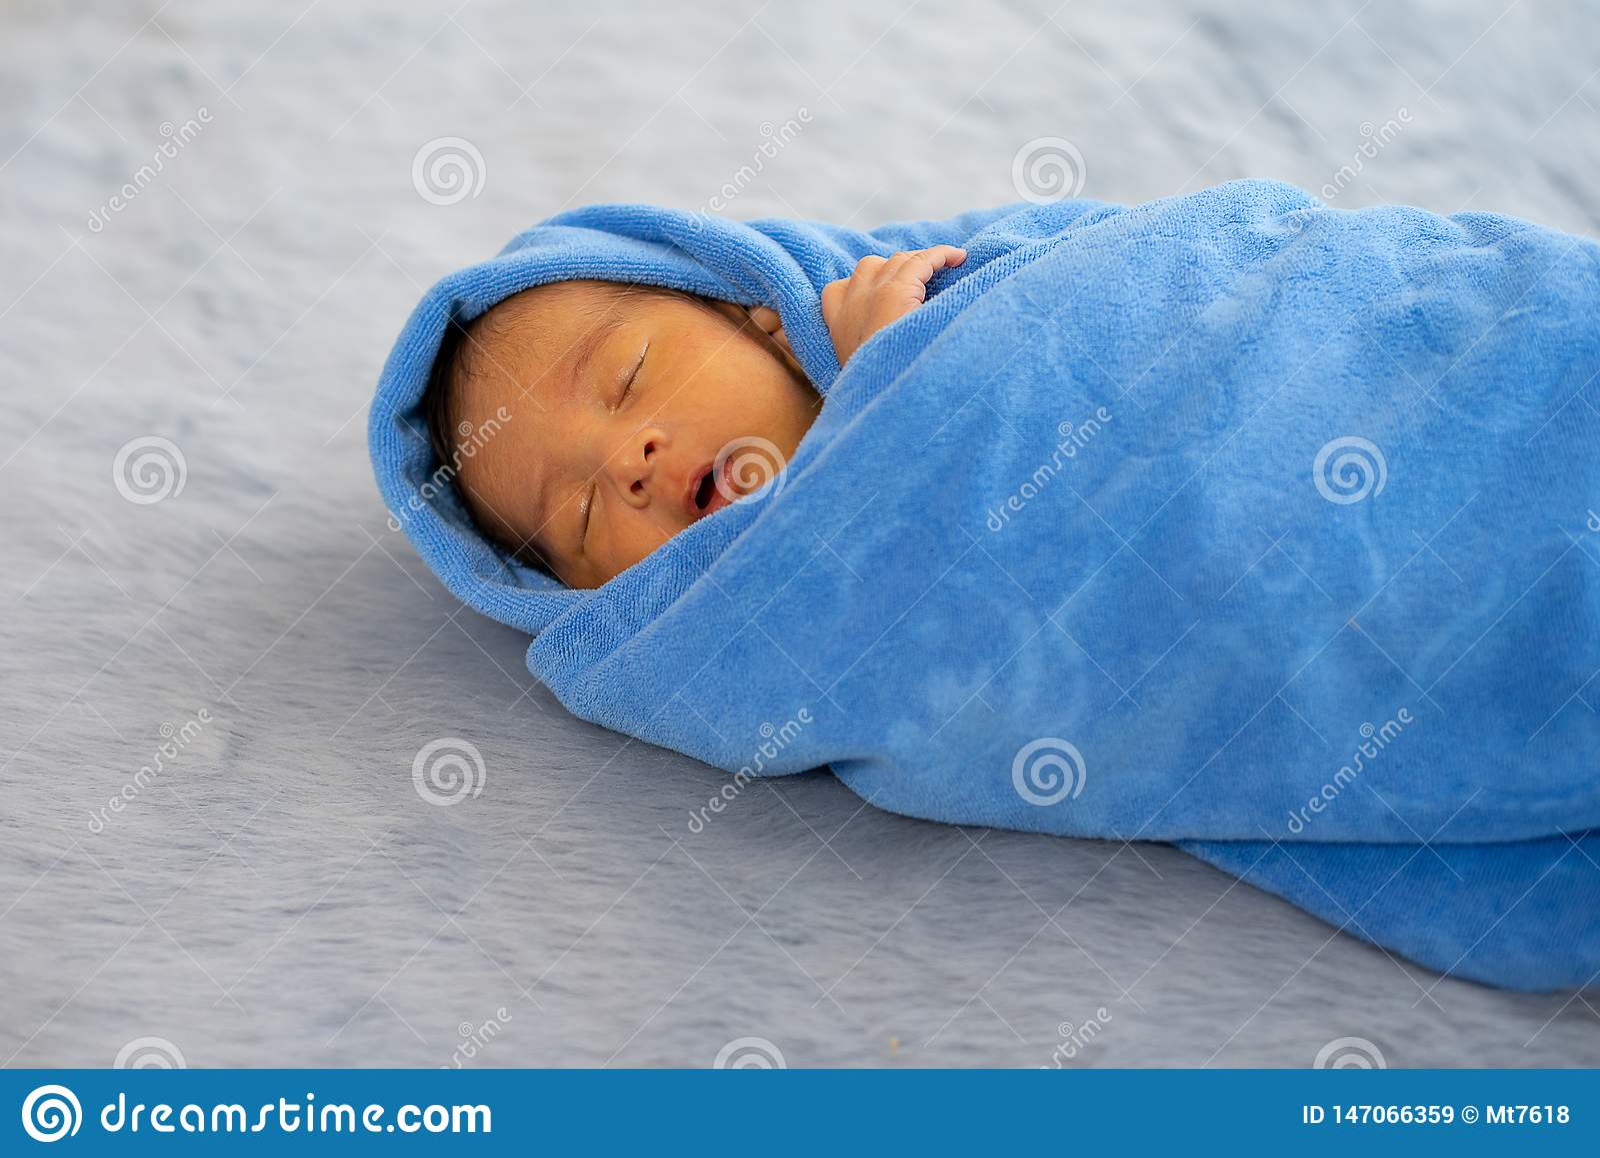 一点新生儿包裹与蓝色毛巾,并且婴孩在灰色地毯睡觉